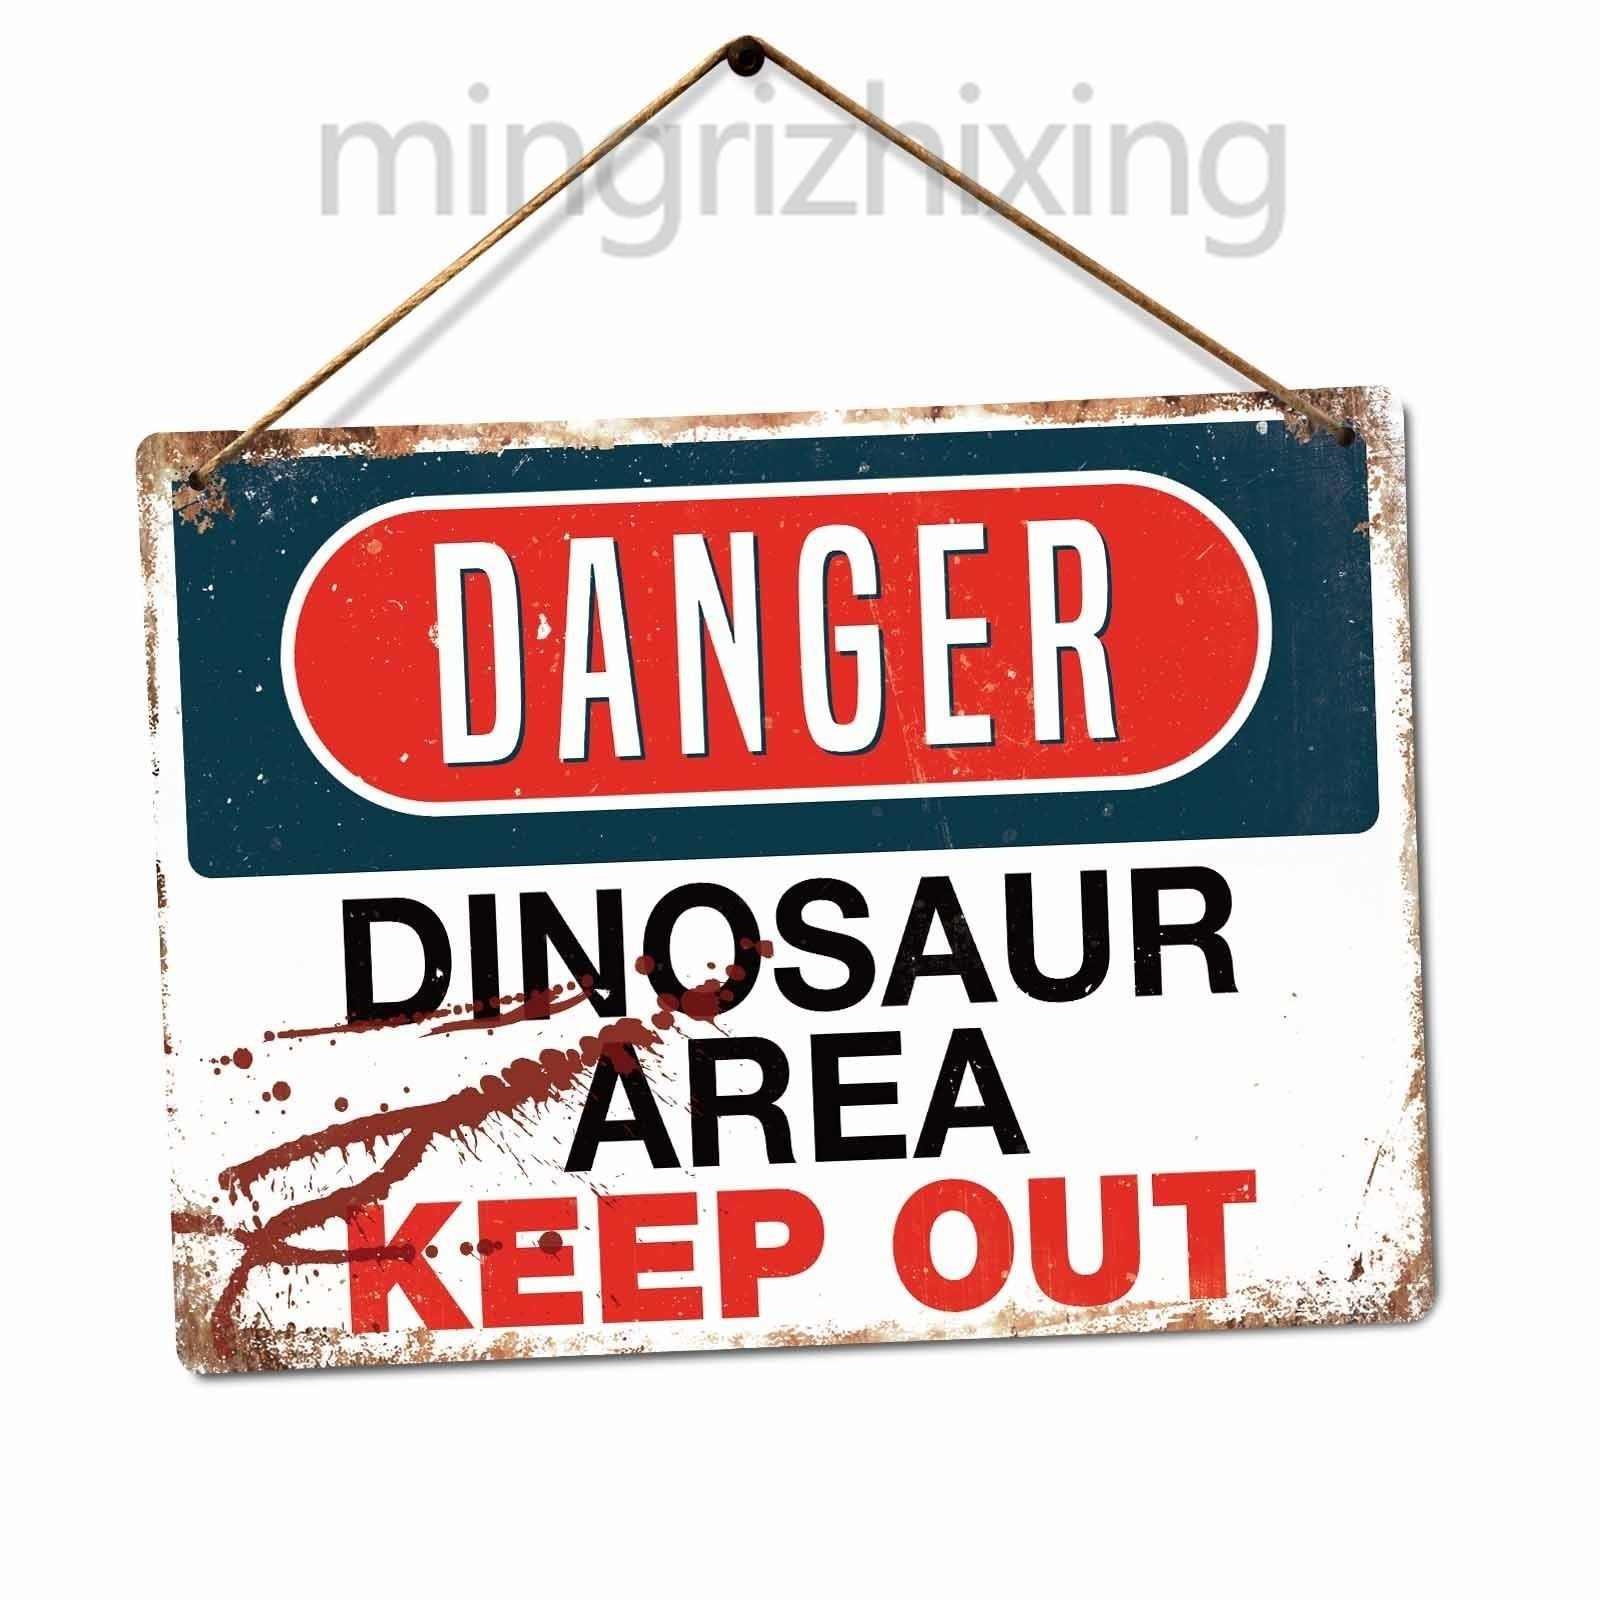 خطر-ديناصور منطقة المعادن علامات جدار اللوحة الفن-الجوراسي الابتعاد بارك ريكس (زيارة متجرنا ، أكثر المنتجات!!!)